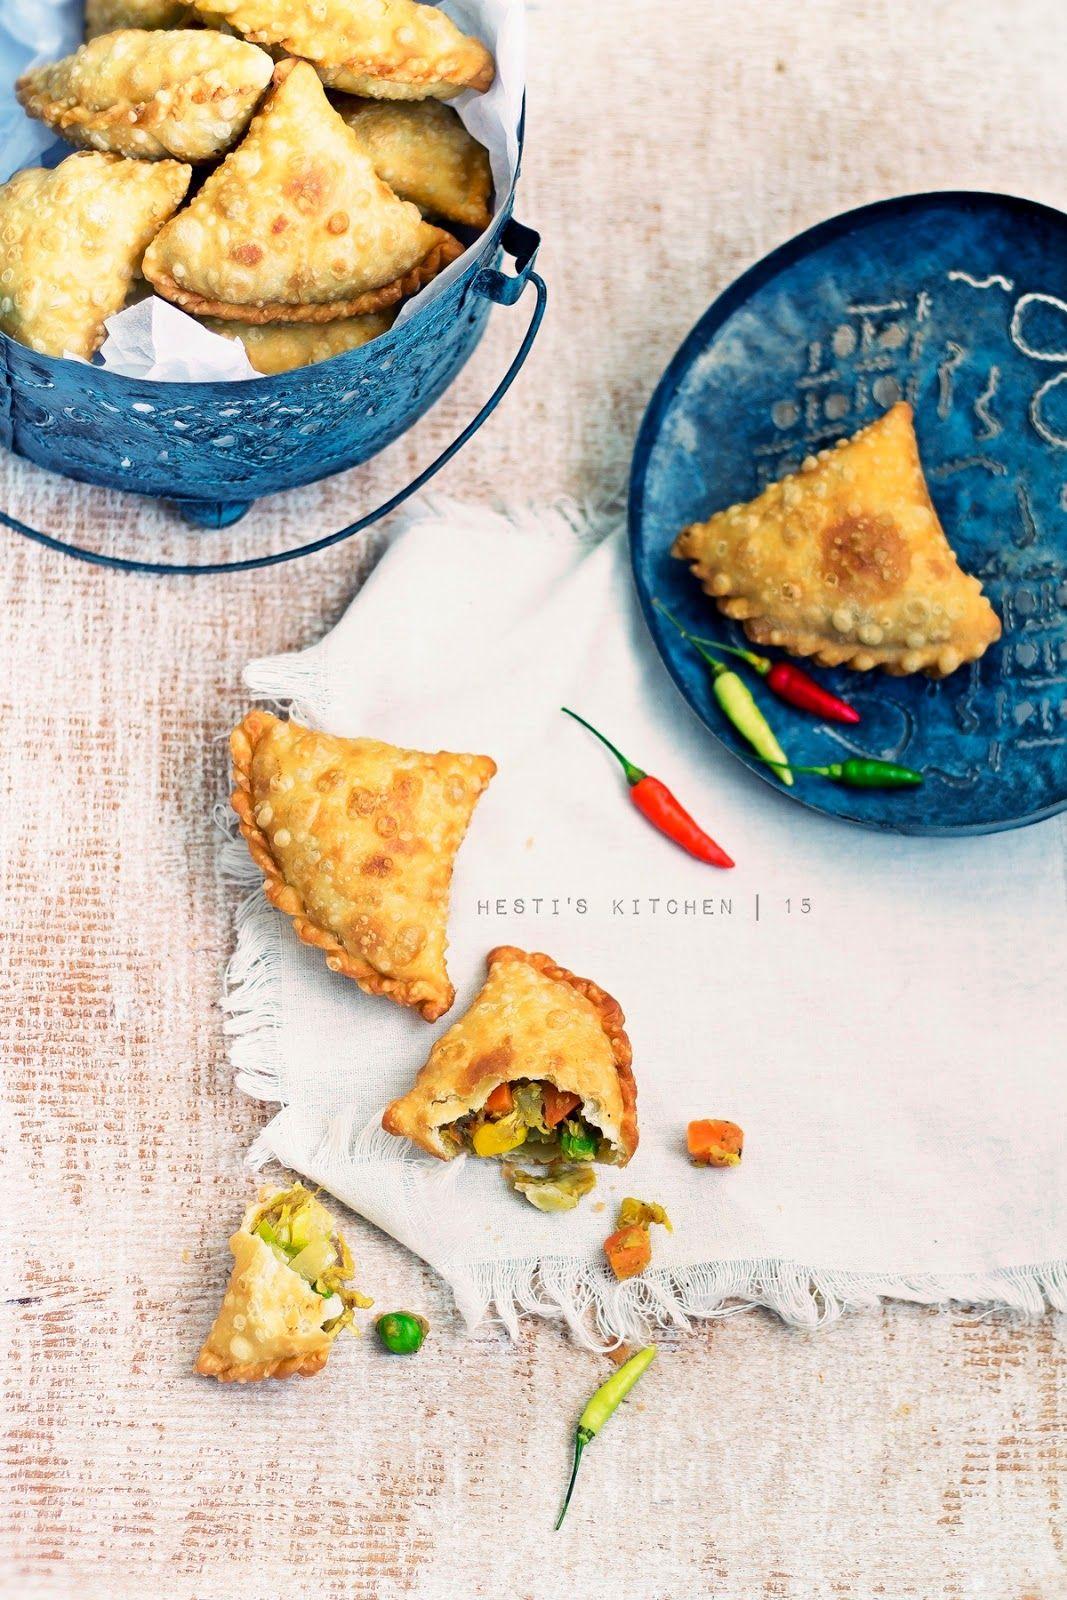 Samosa adalah salah satu snack gurih yang populer di Asia